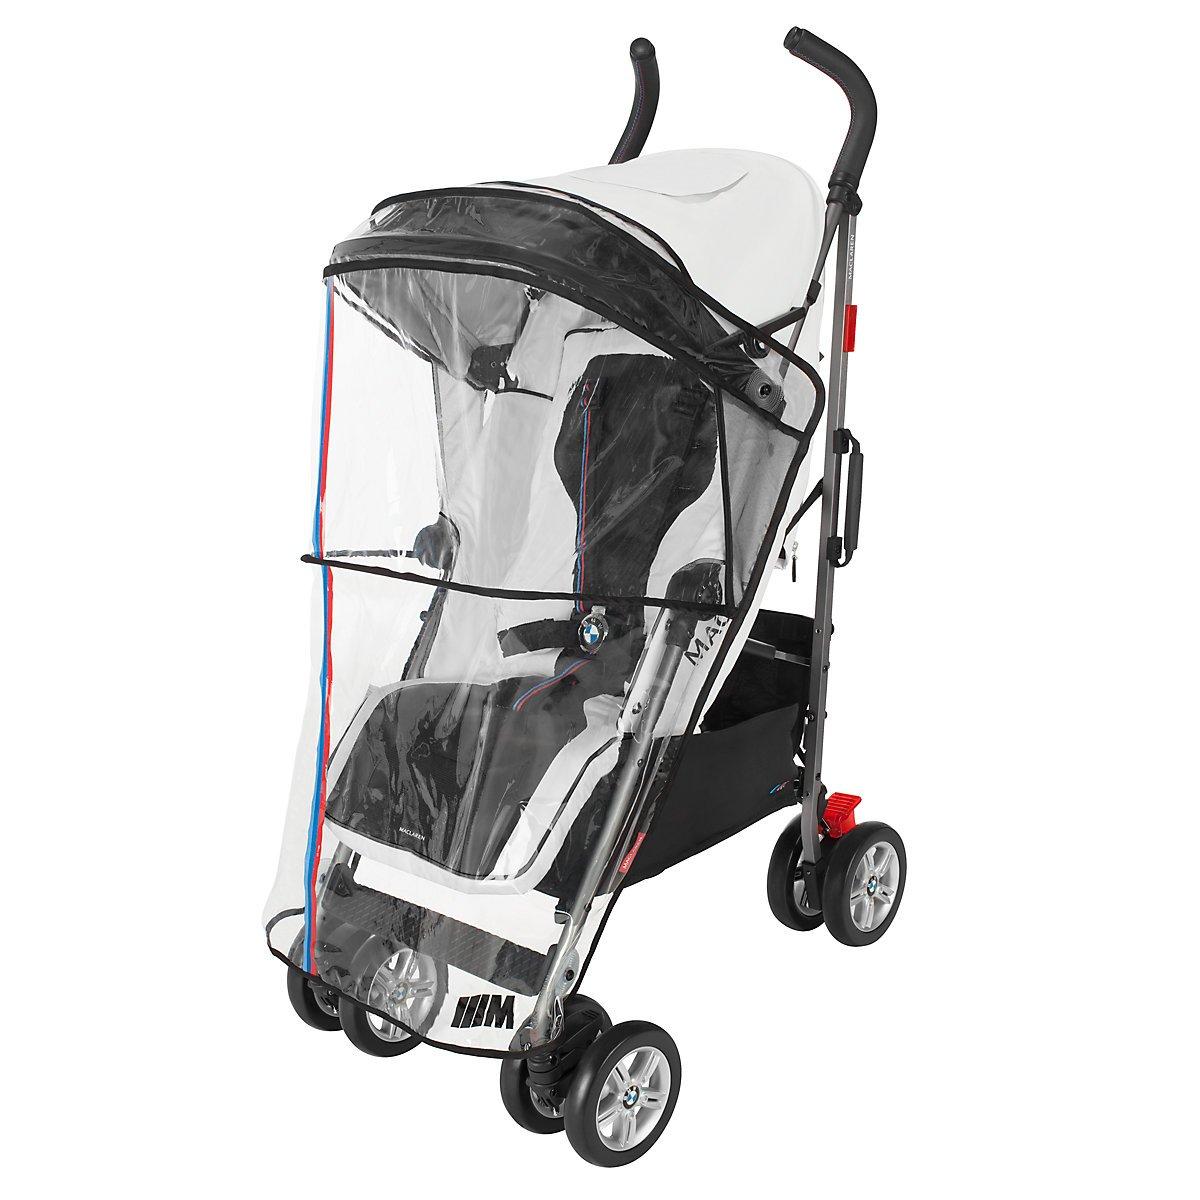 Plastico de lluvia Maclaren - Accesorio para silla de paseo: Amazon.es: Bebé